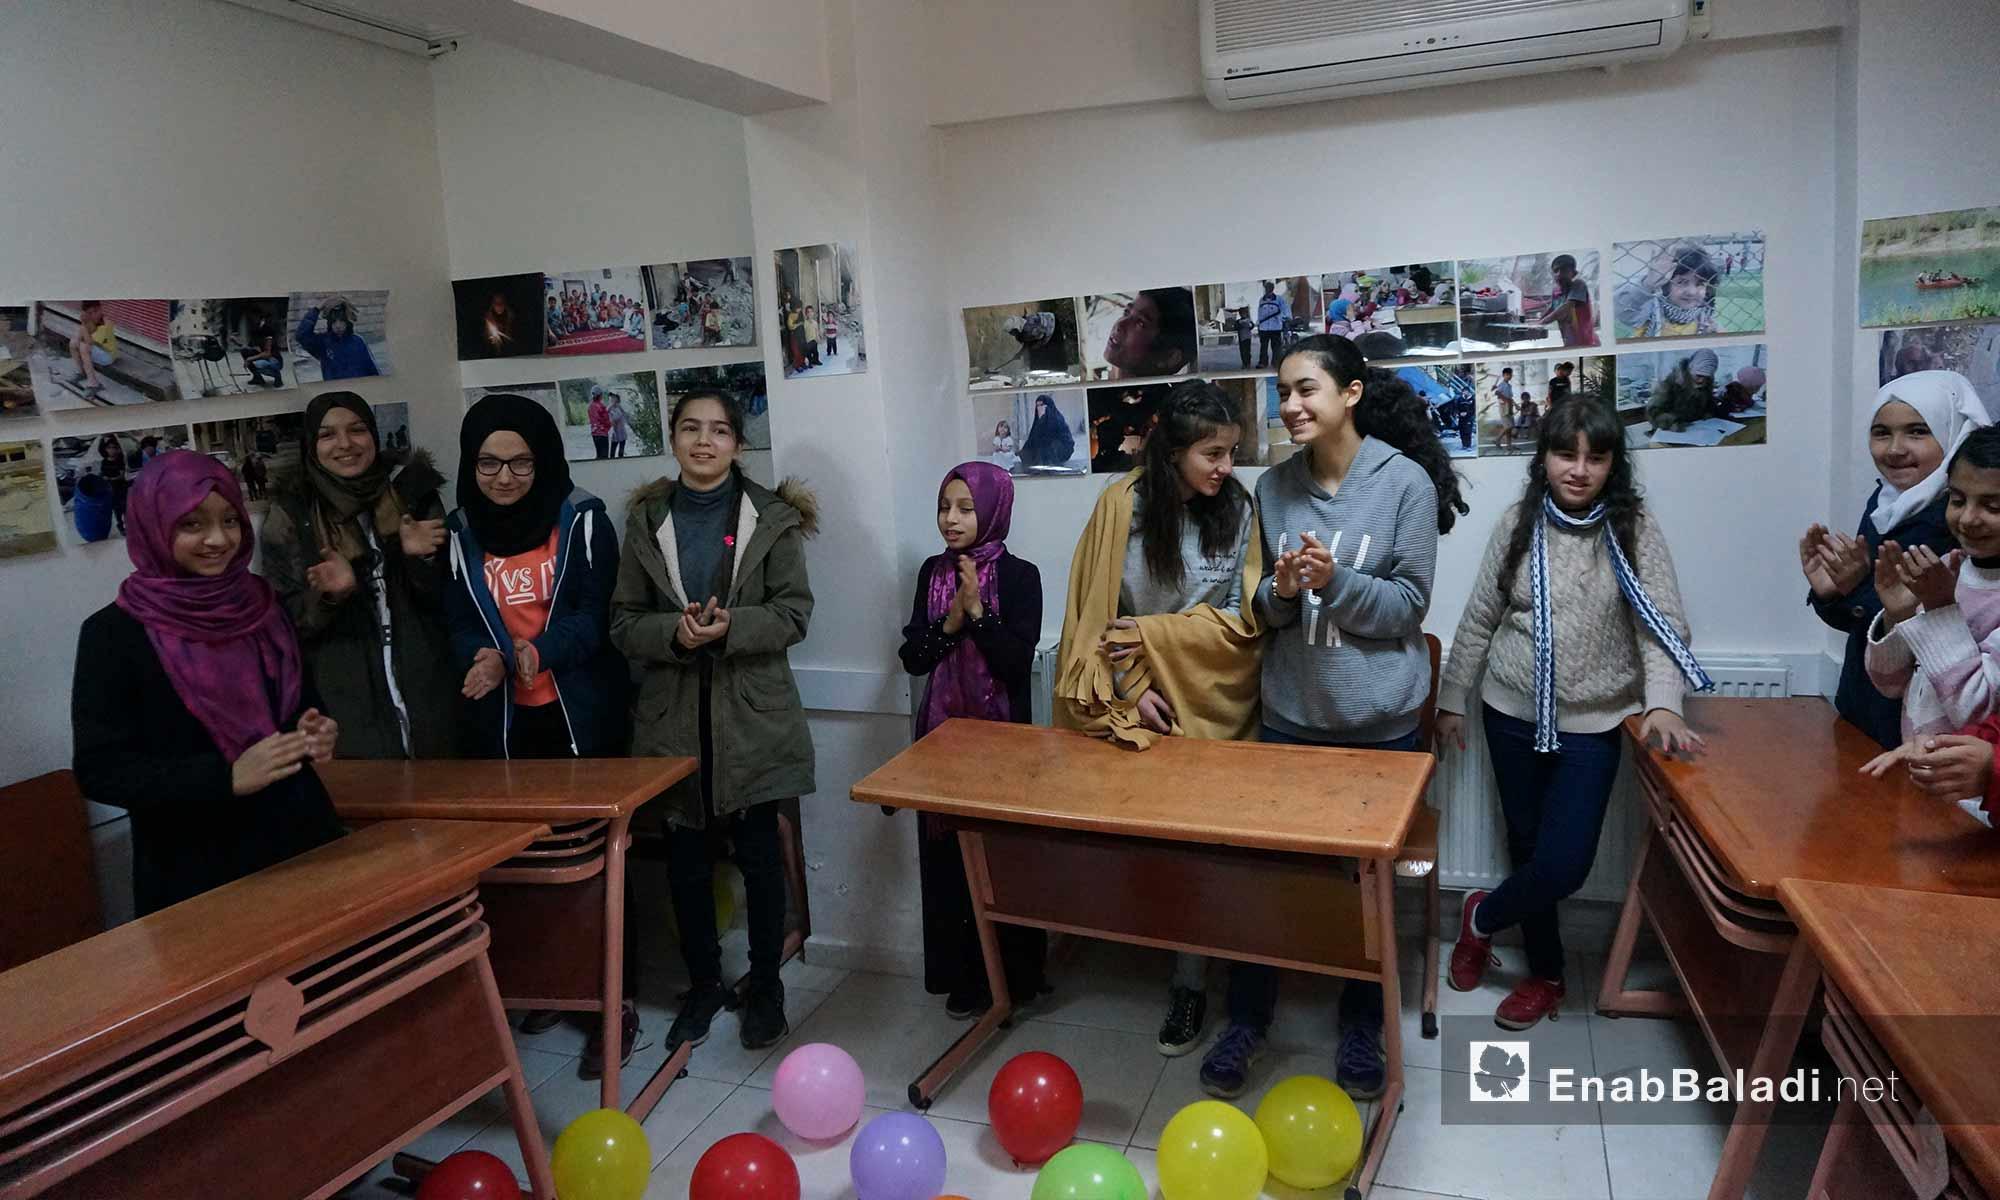 جانب من نشاطات معرض لسوريات وأتراك شاركن بمبادرة مجتمعية في أورفة - 24 شباط 2018 (عنب بلدي)